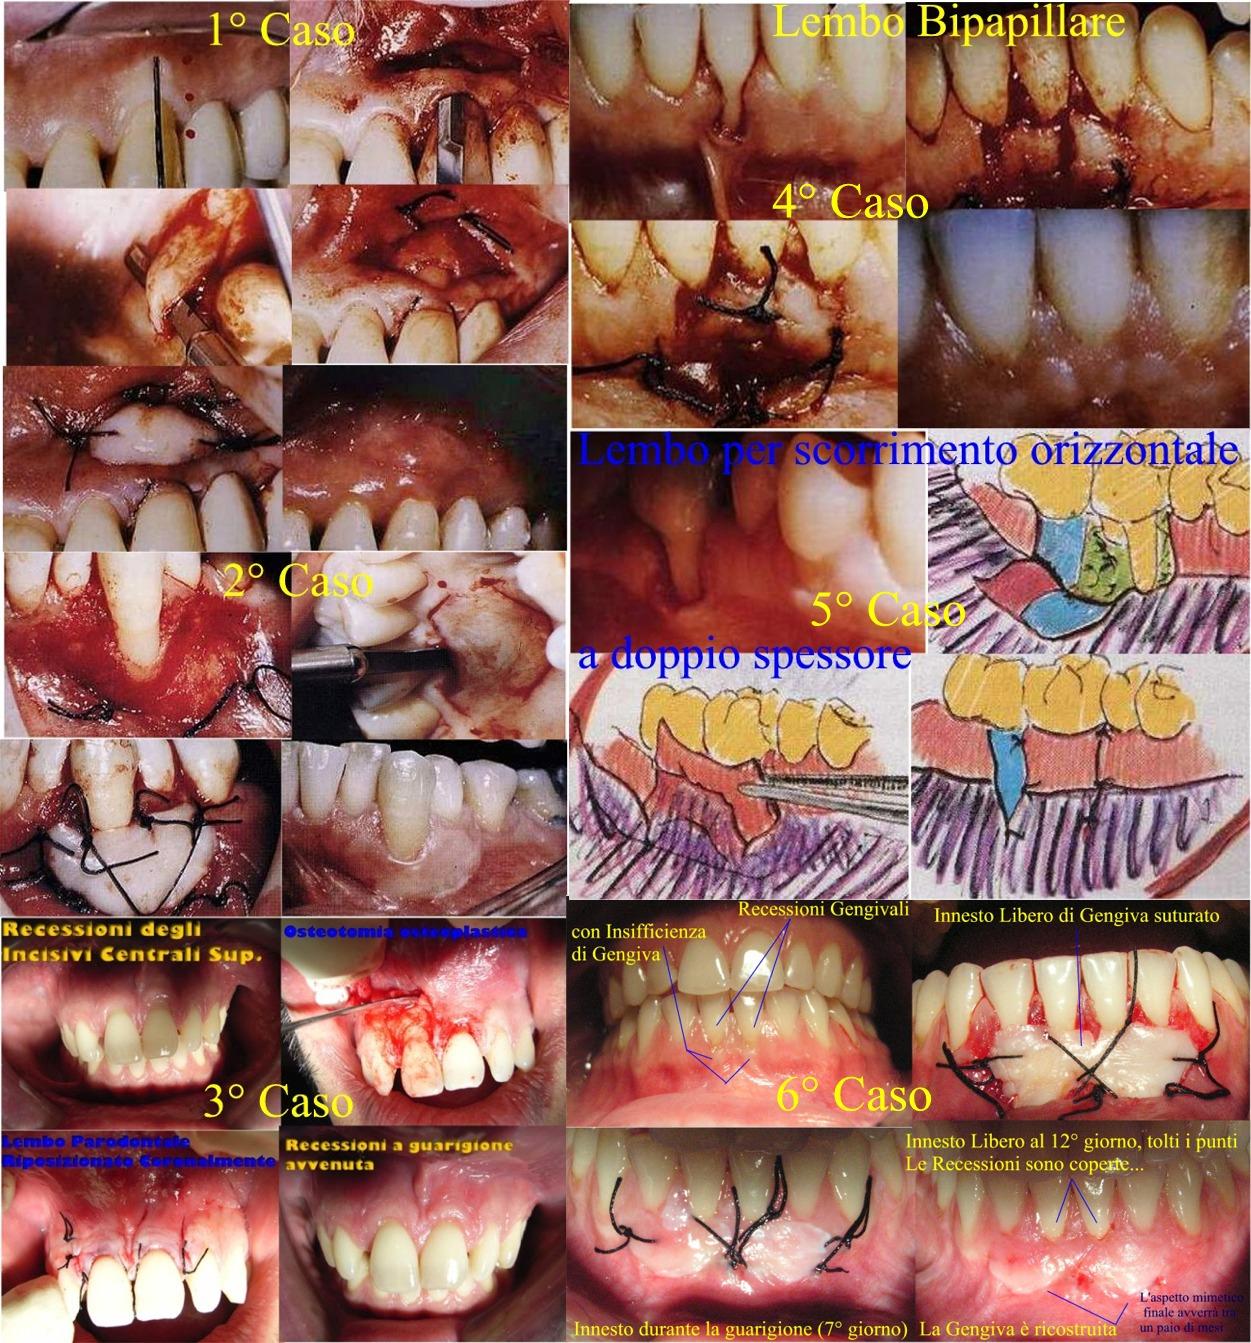 Recessioni Gengivali e loro terapia Chirurgica Parodontale. Da casistica del Dr. Gustavo Petti Parodontologo di Cagliari